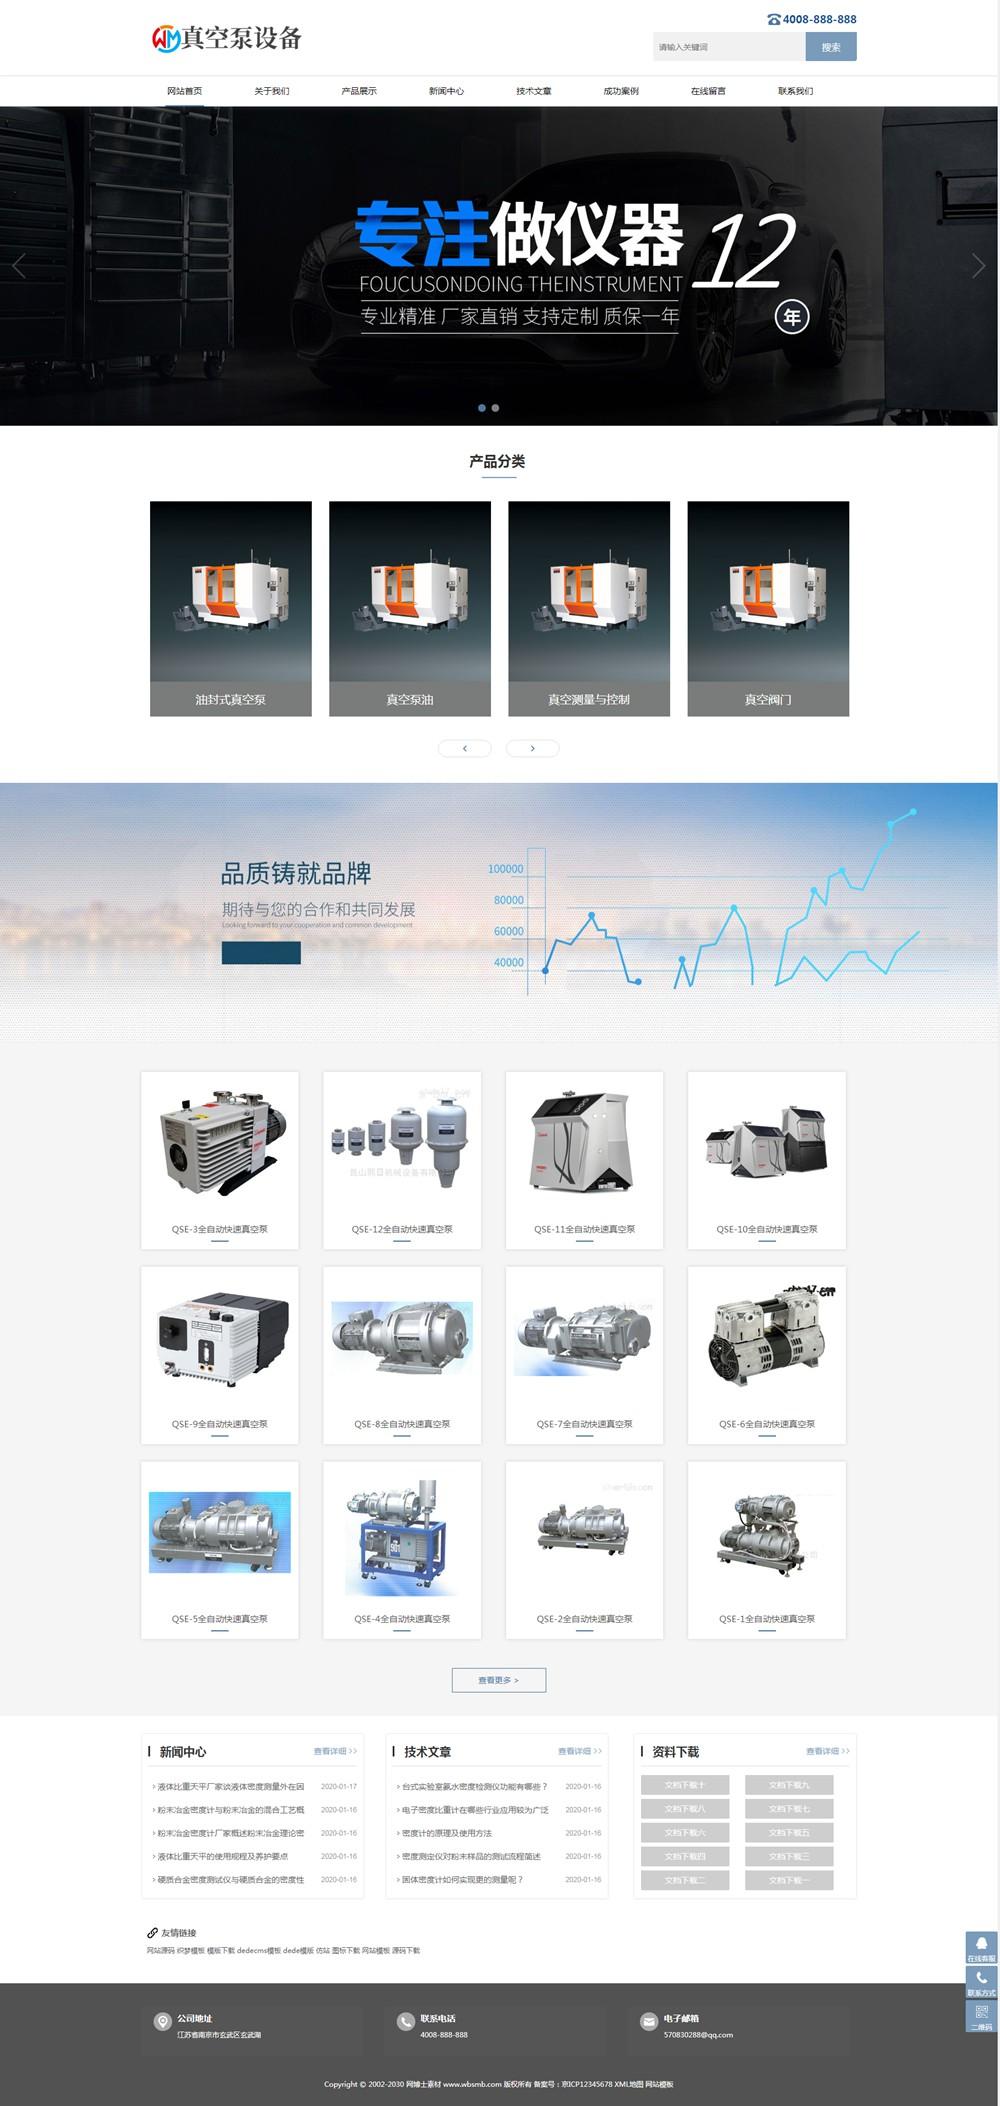 (自适应手机版)响应式真空泵水泵设备类网站织梦模板 HTML5机械设备网站源码下载